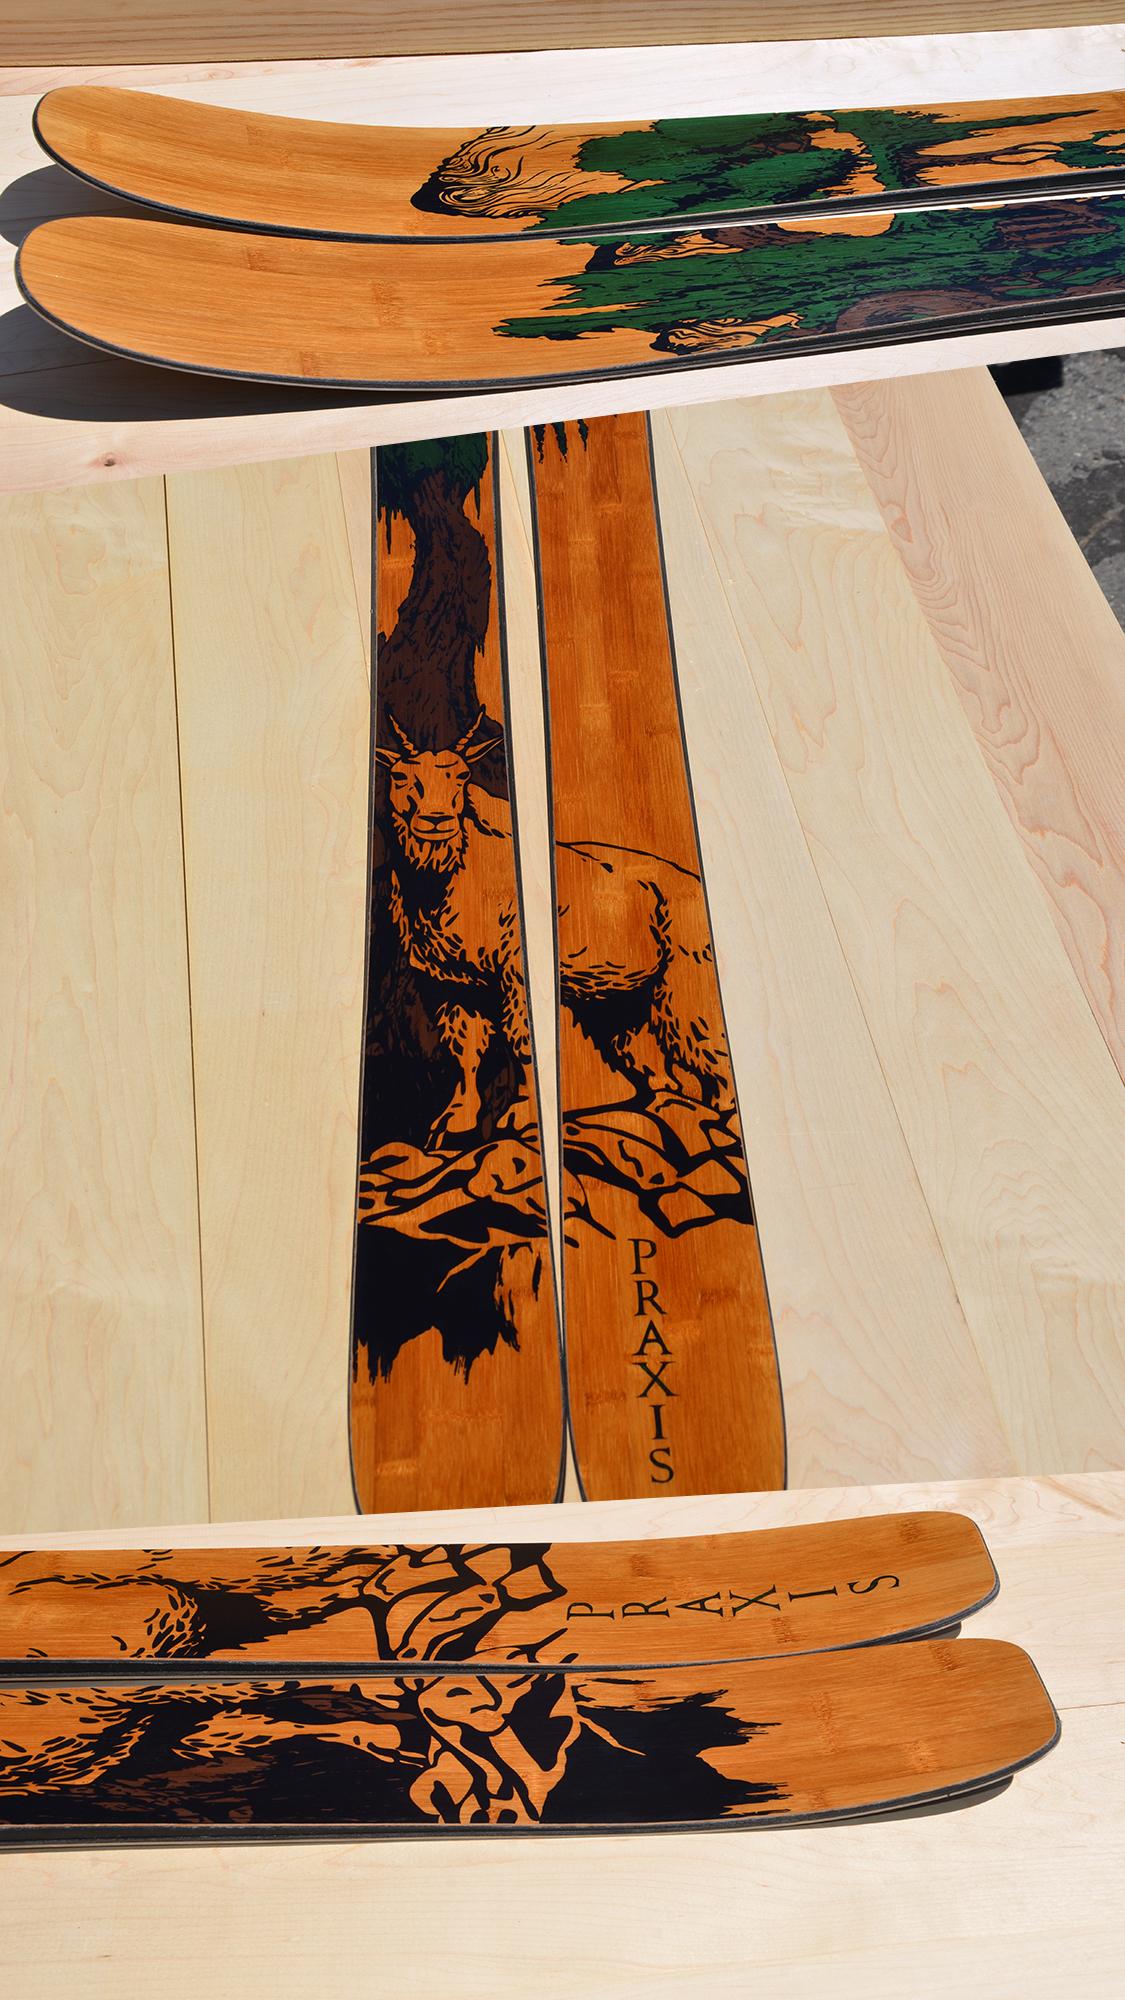 Standard edition Yeti with bamboo veneer and Ibex graphic art